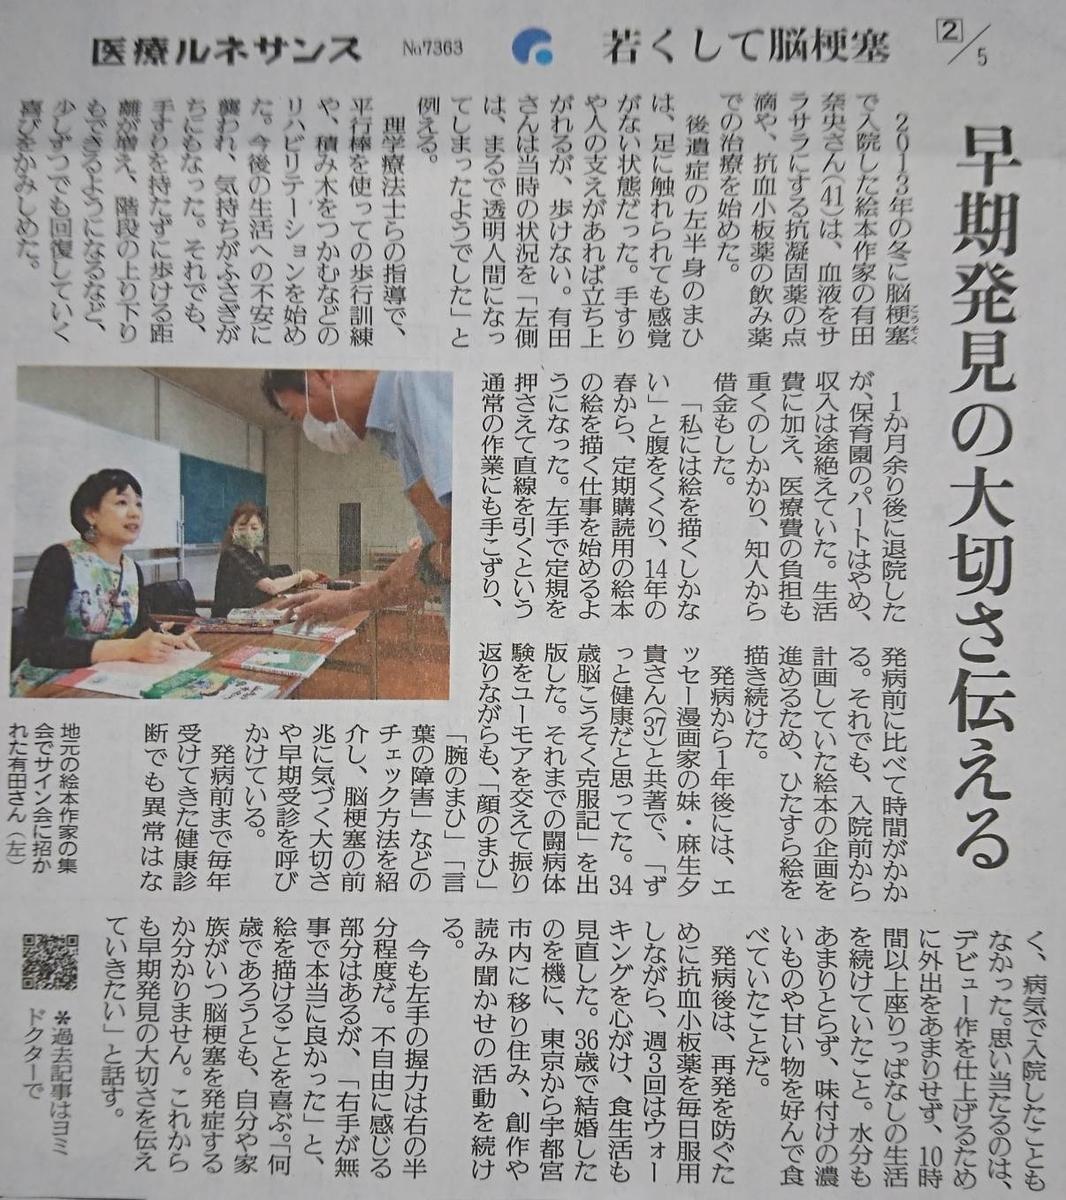 f:id:kazura-kobayashi:20200916162605j:plain